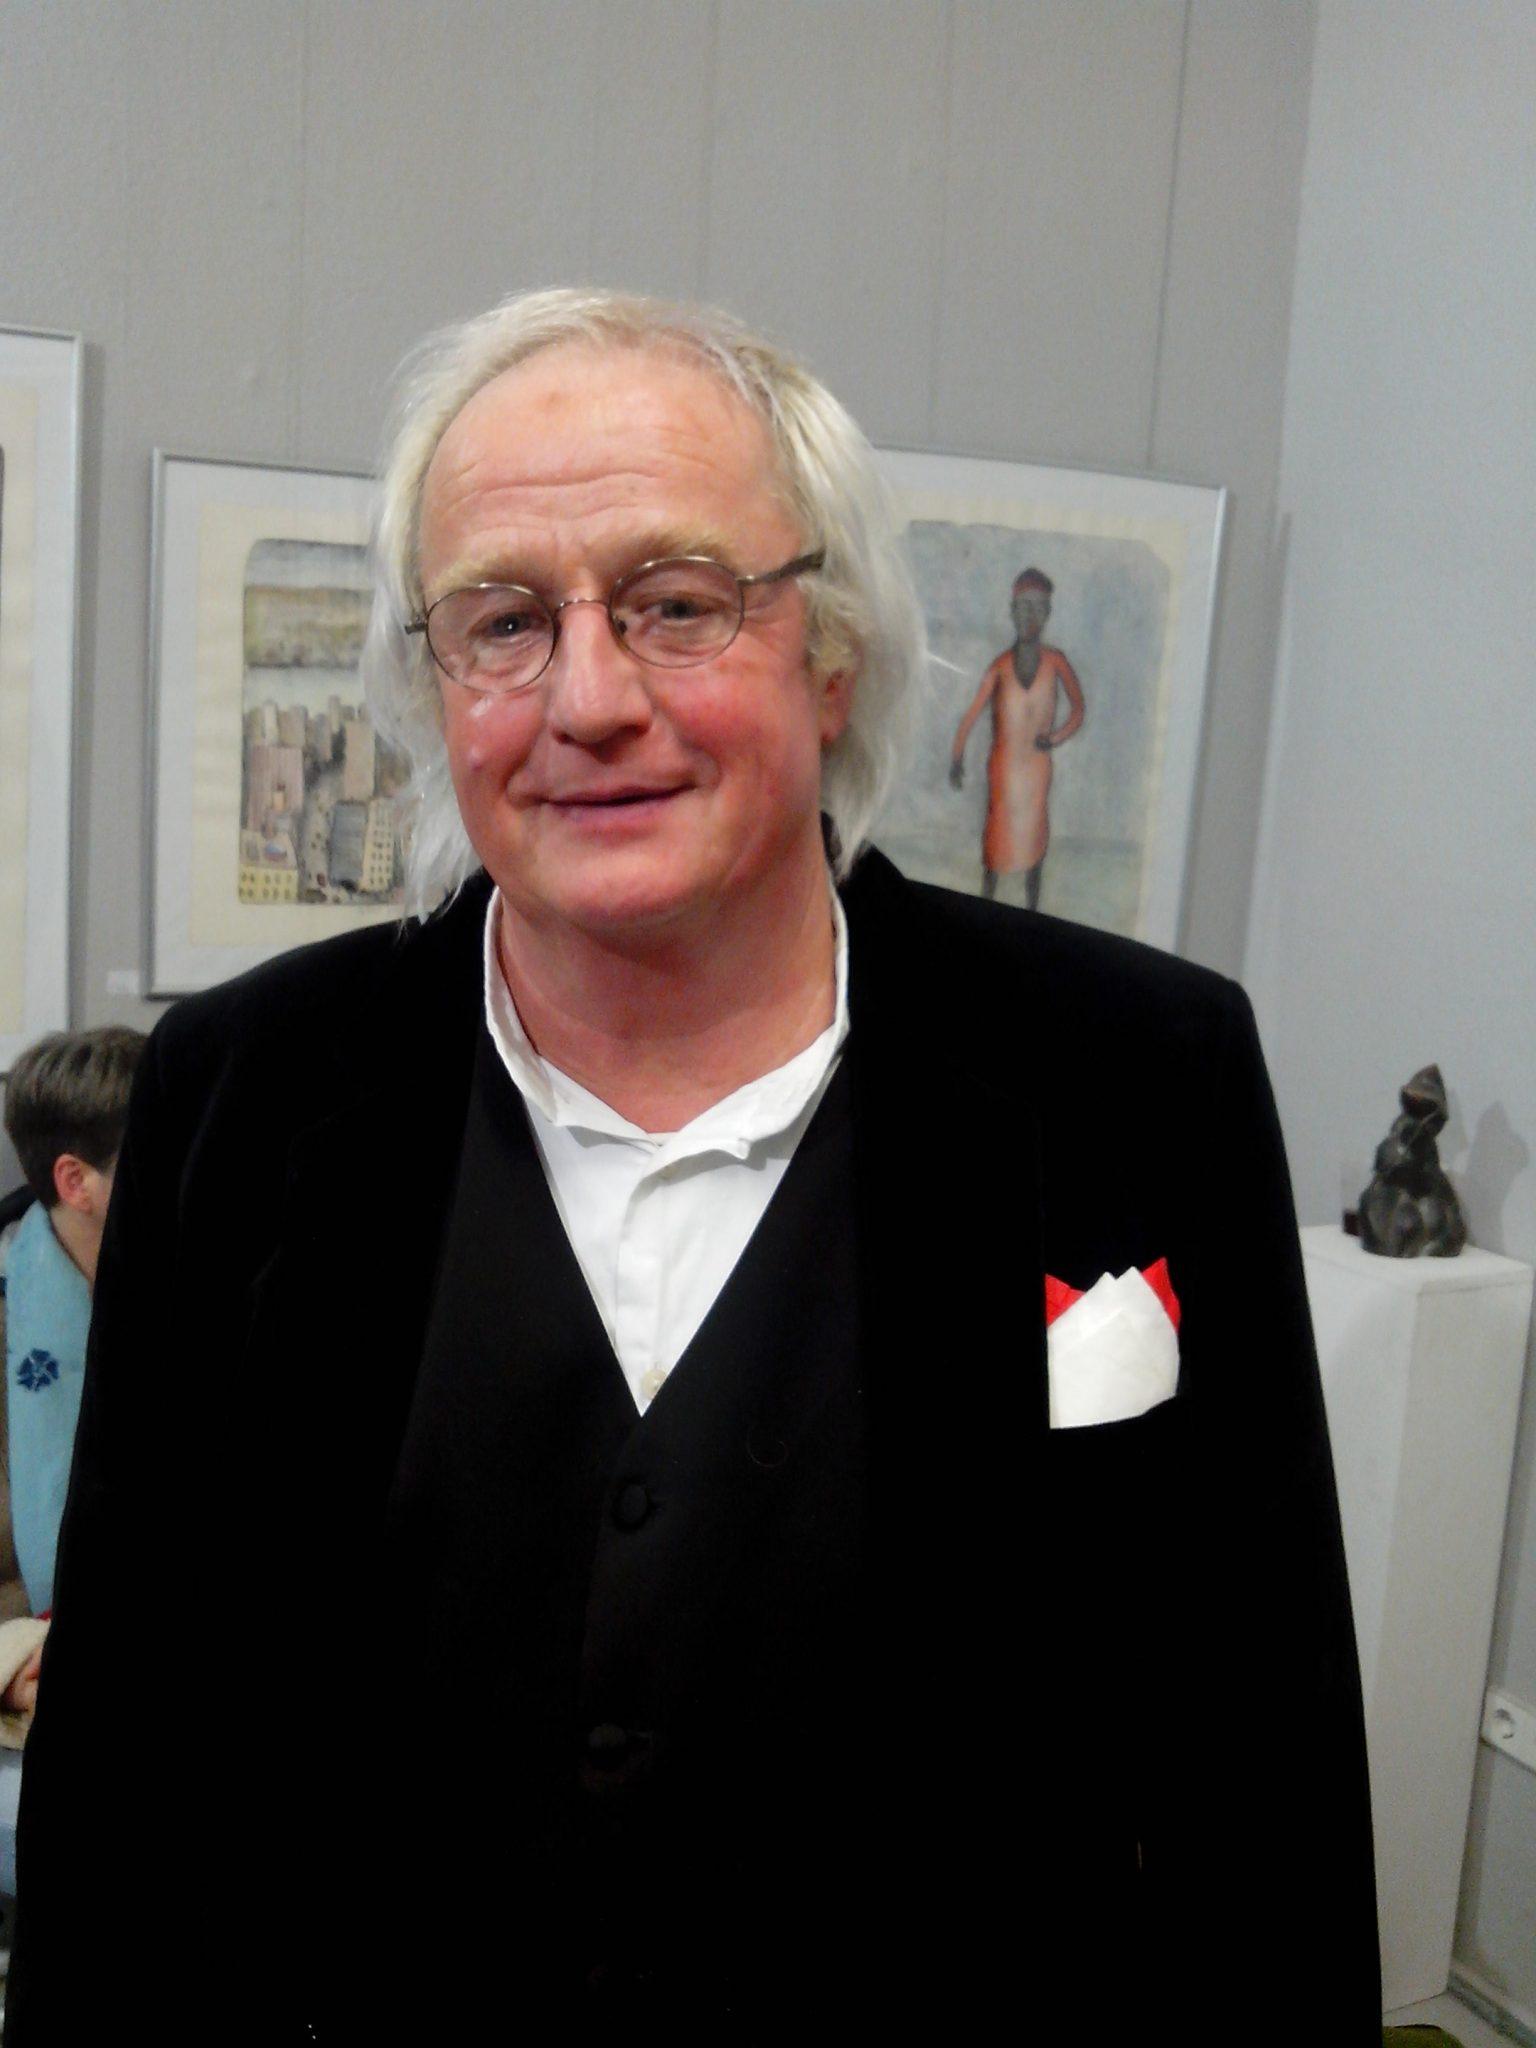 Jochen G. Schimmelpenninck